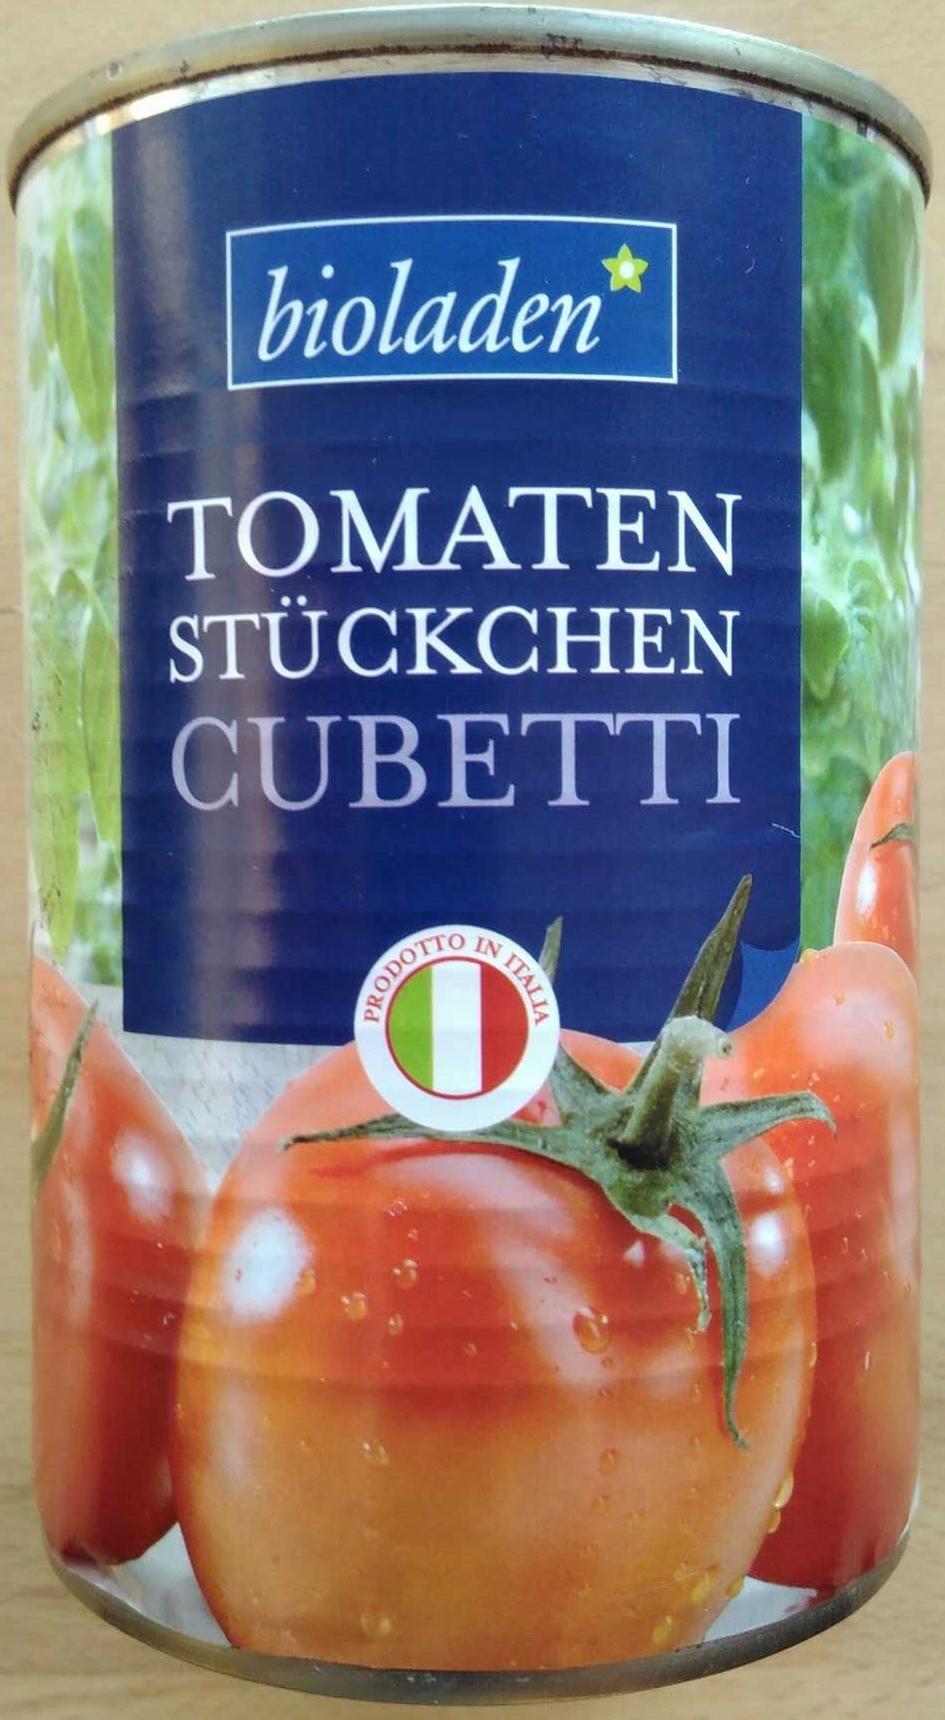 Tomaten Stückchen Cubetti - Produit